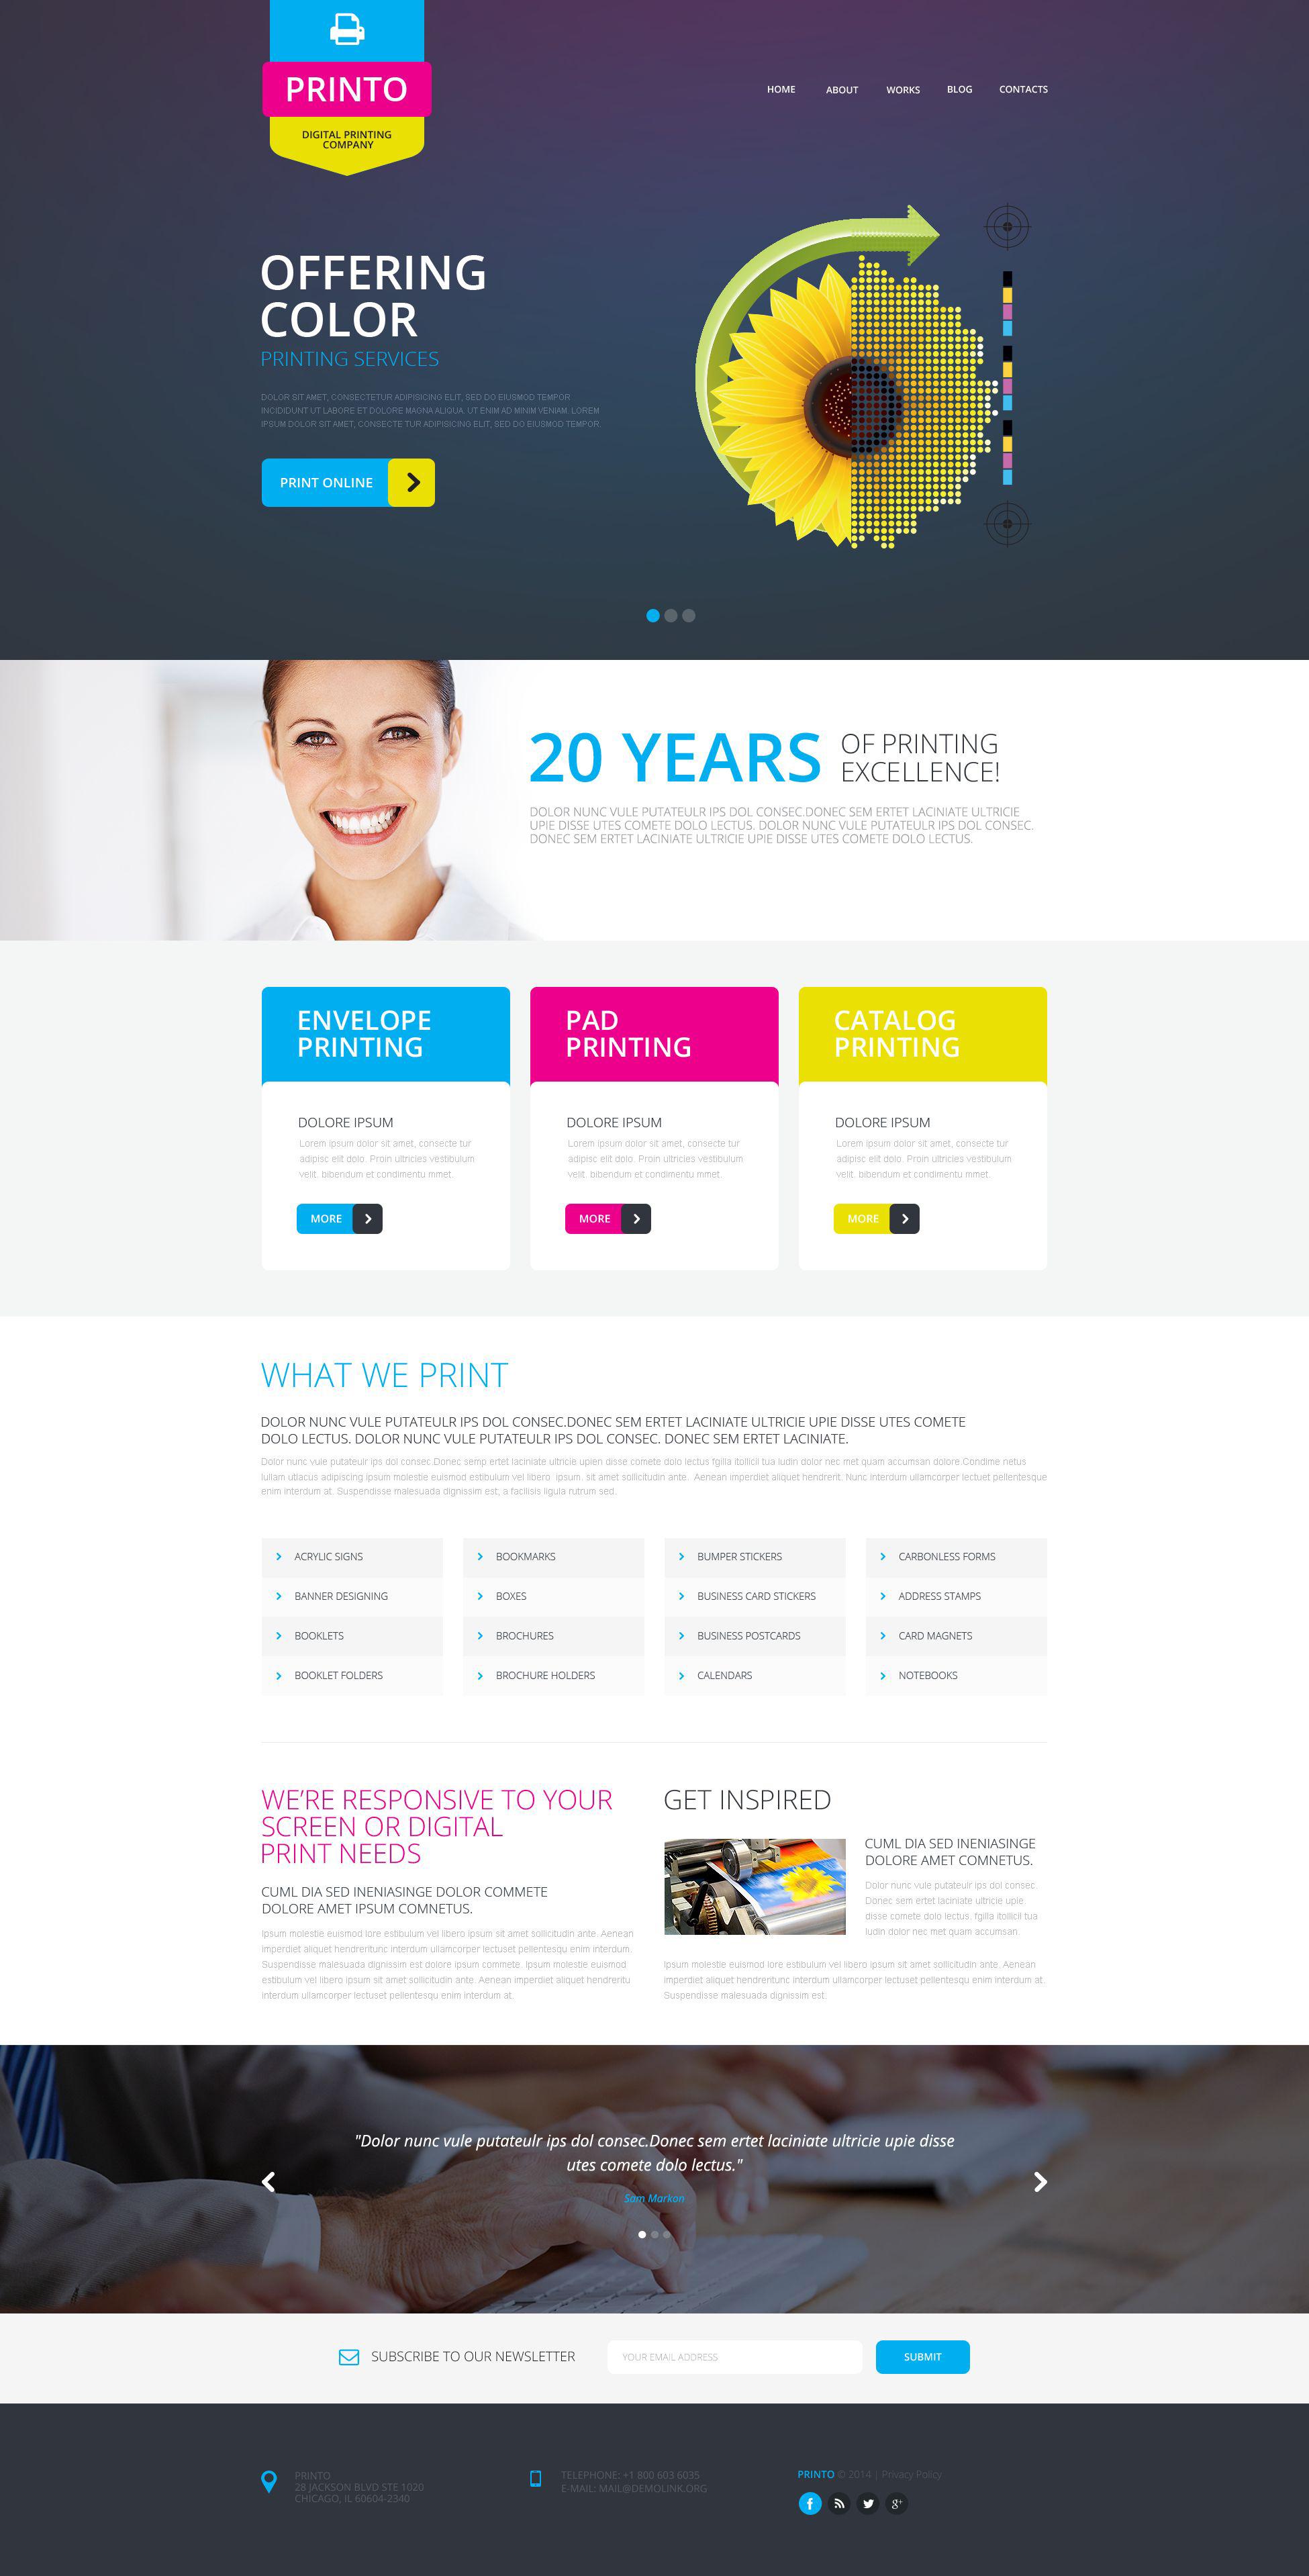 Responsive Baskı Mağazası Web Sitesi #51805 - Ekran resmi